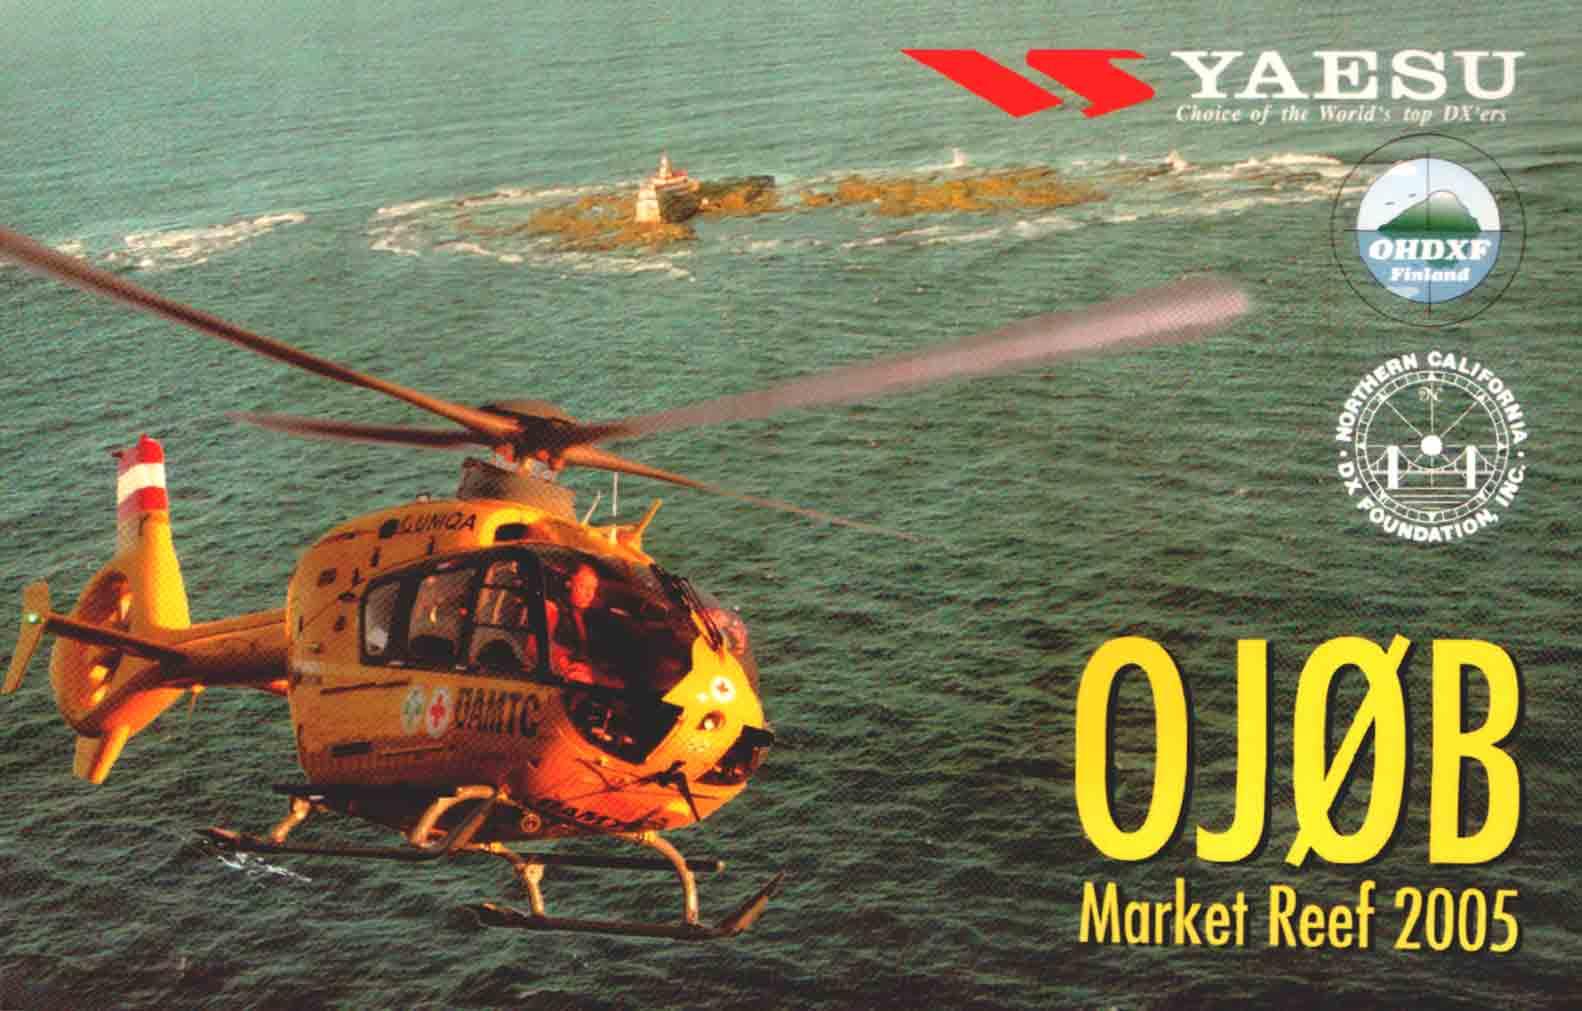 Market Reef OJ0B 2012